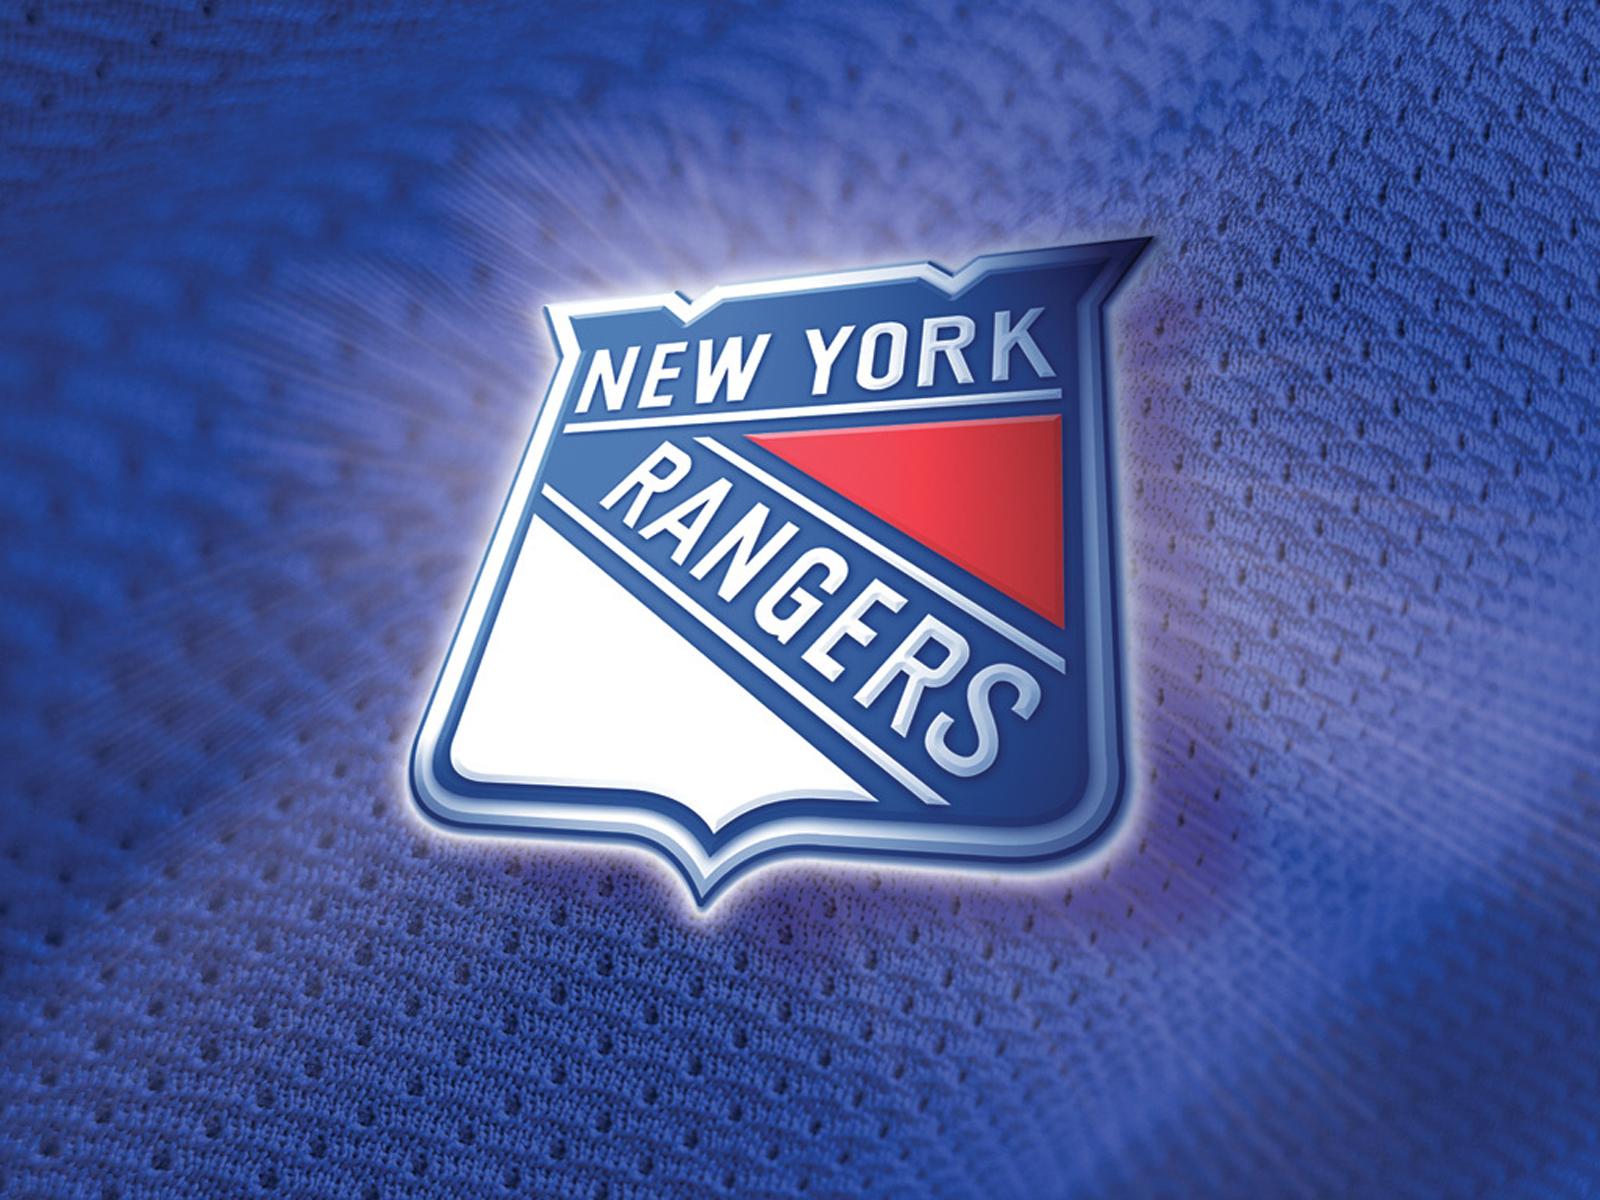 New York Rangers Hockey computer desktop wallpapers pictures 1600x1200